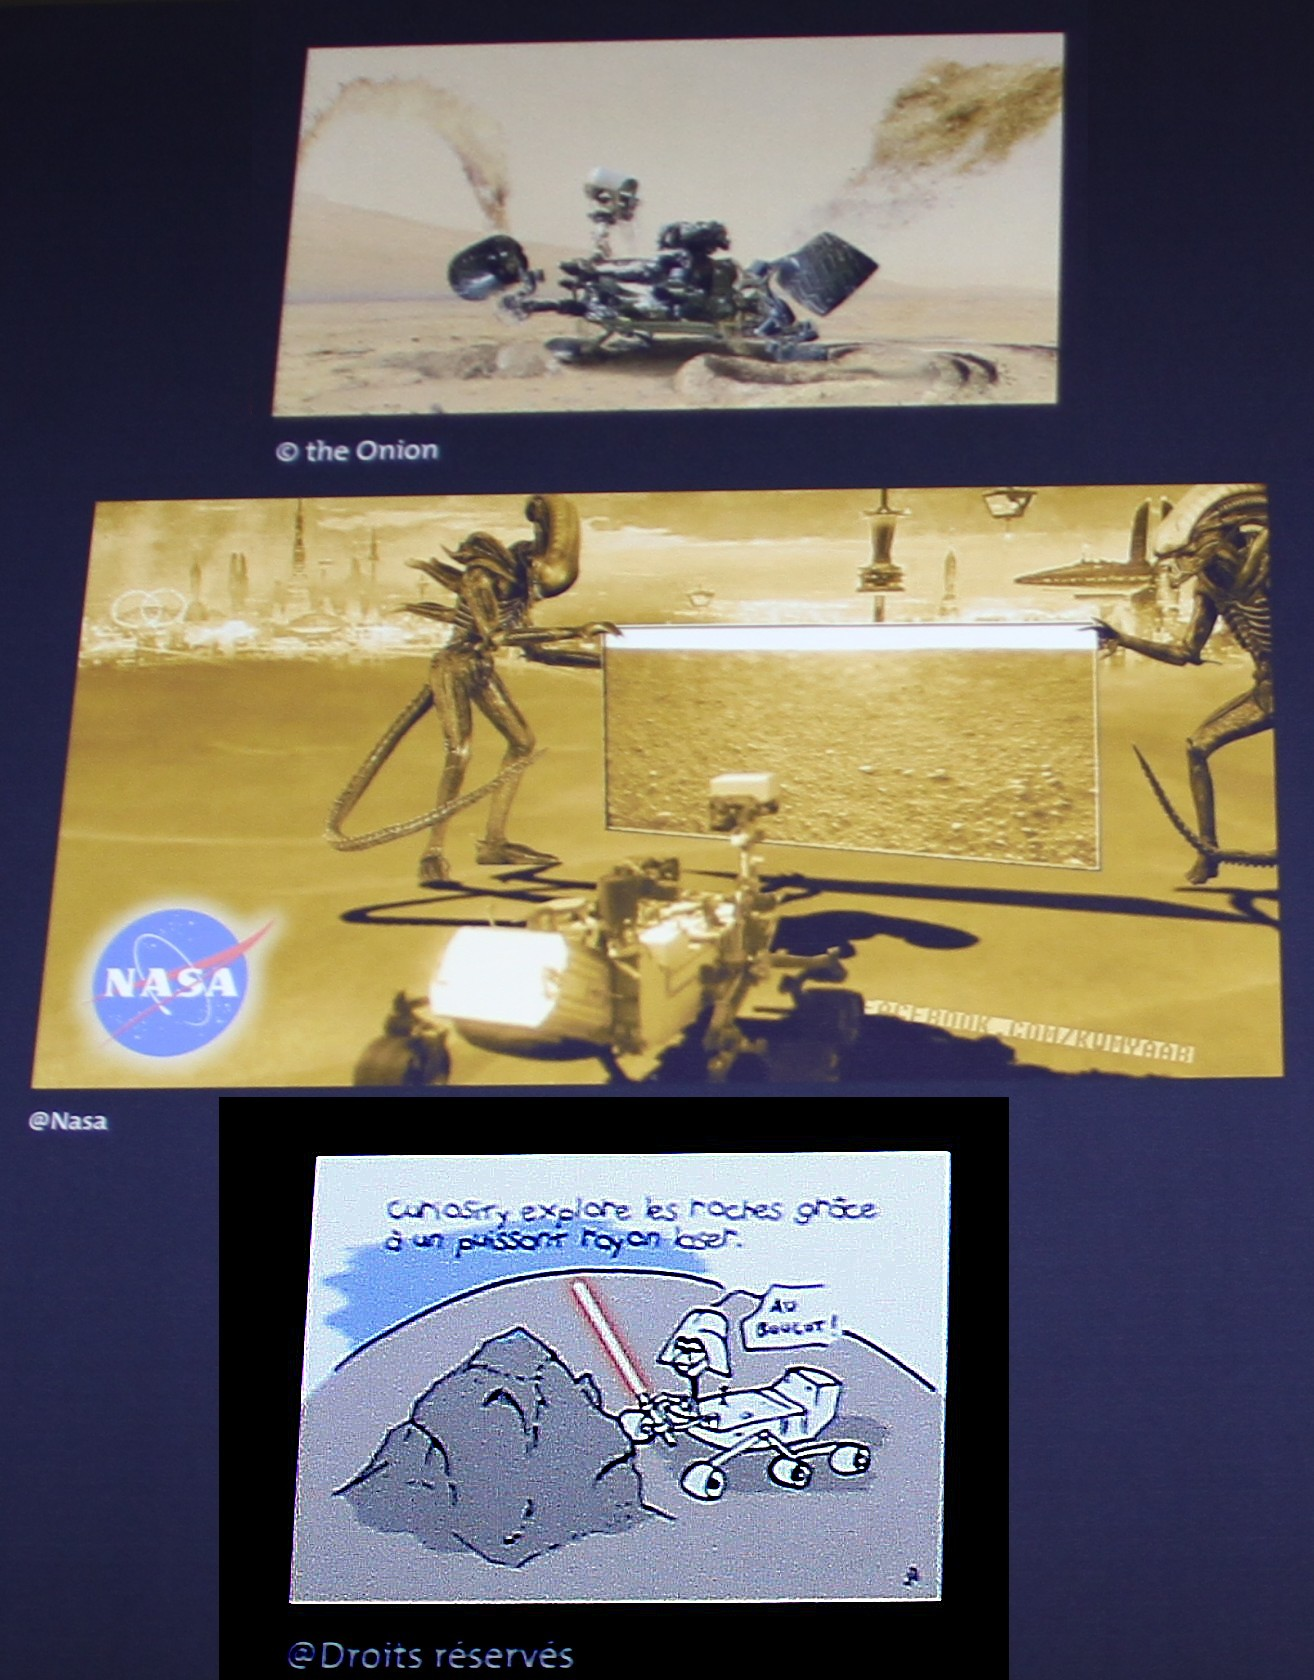 14 12 18 - 17h 43m 49s - Expo l'eau sur Mars pavillon de l'eau r3